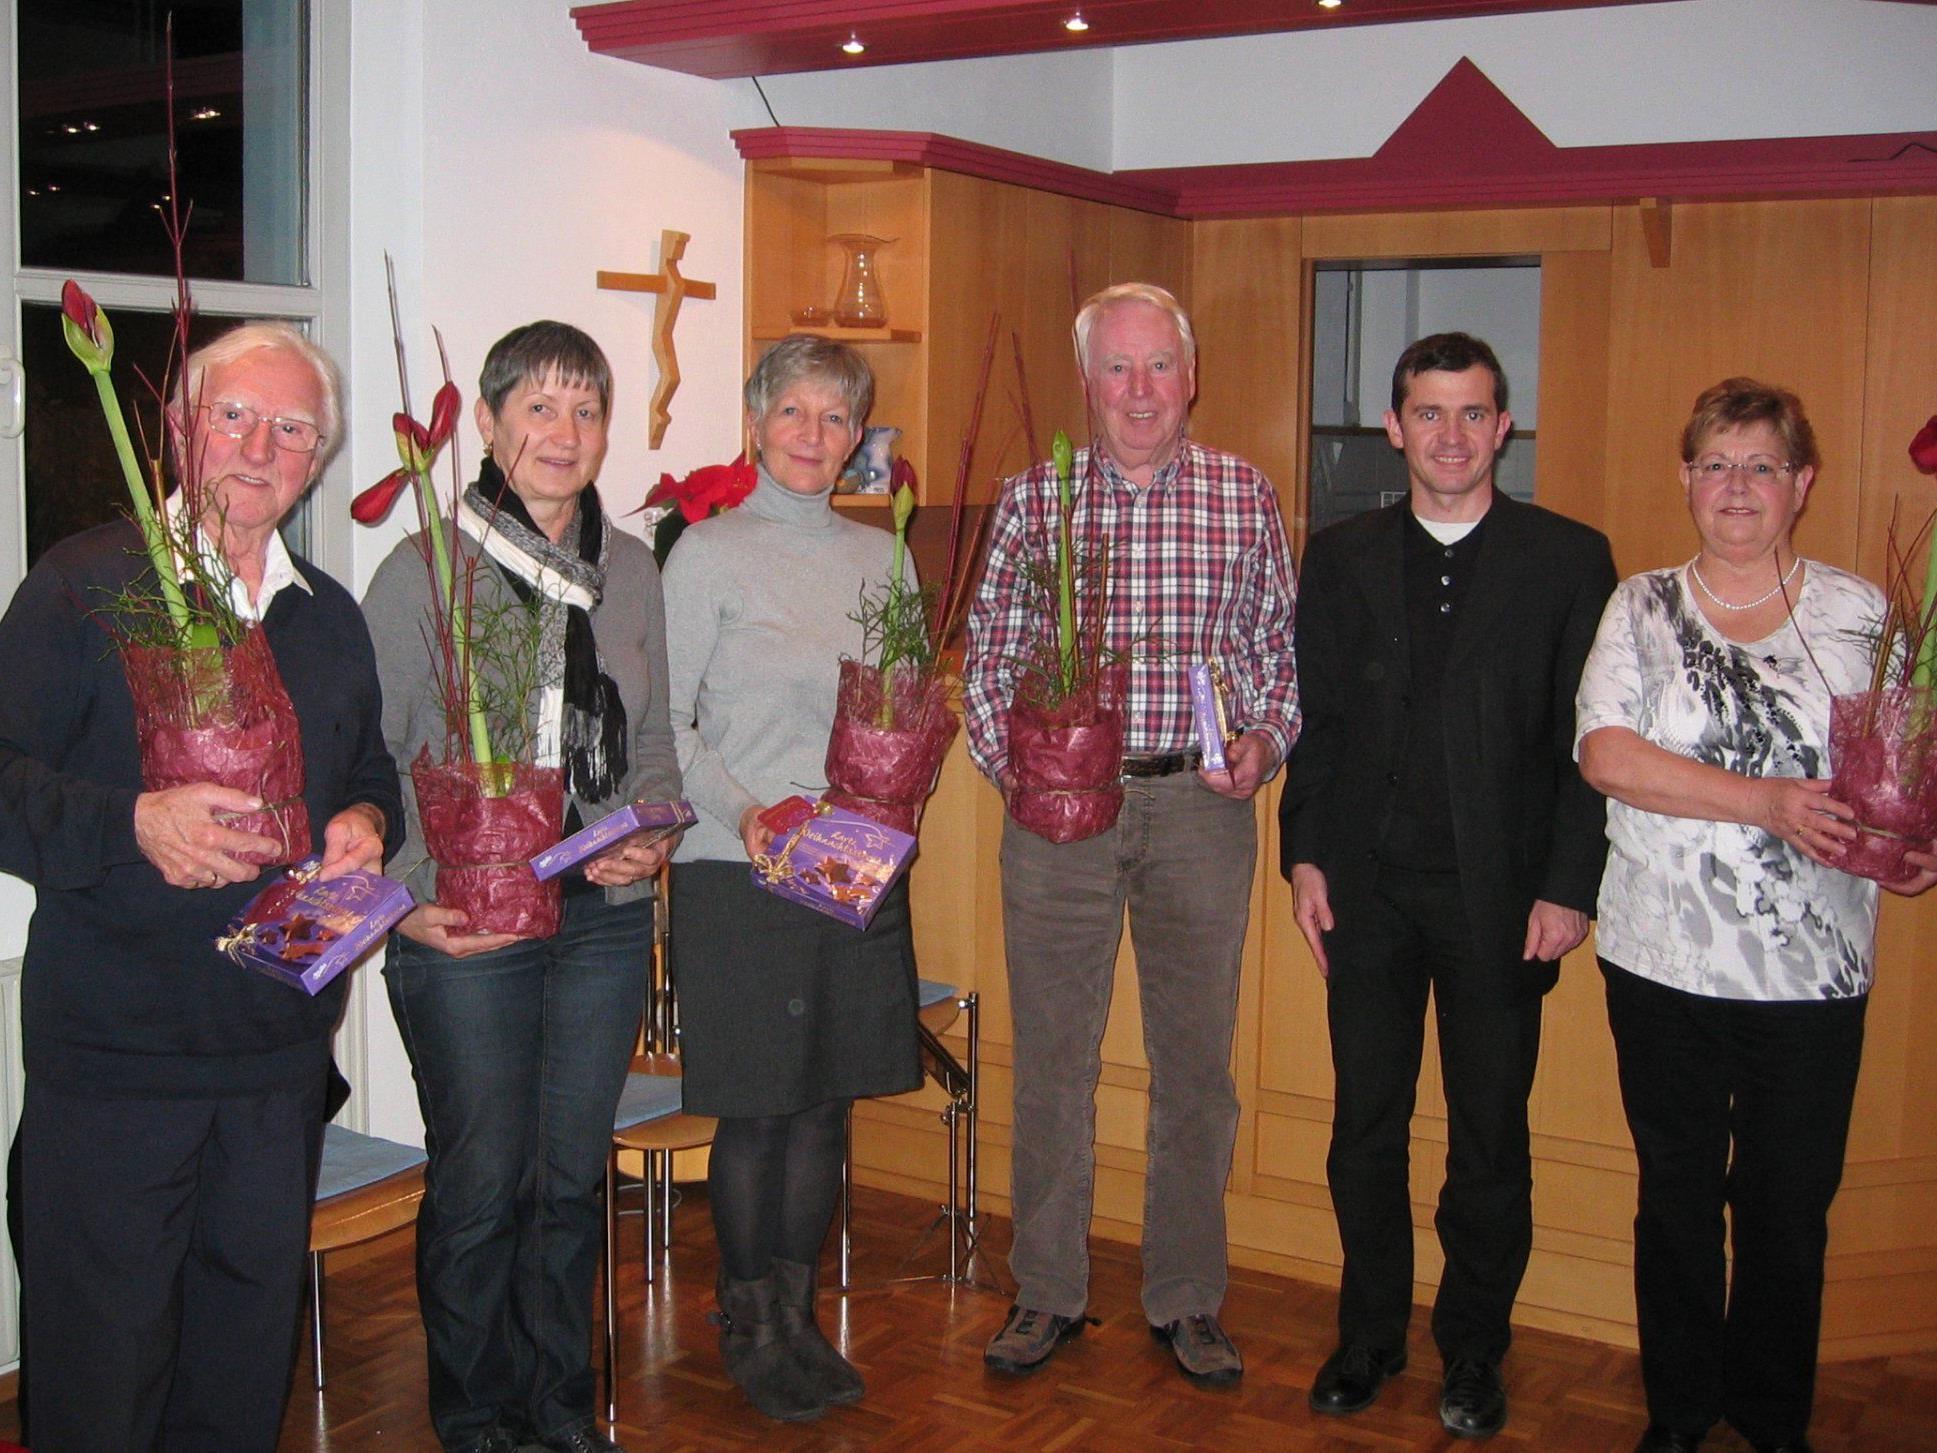 v.l.n.r.Burli Baumgartner, Klara Koch, Elisabeth Breuß, Walter Rohrer, Martin Summer, Margit Senoner